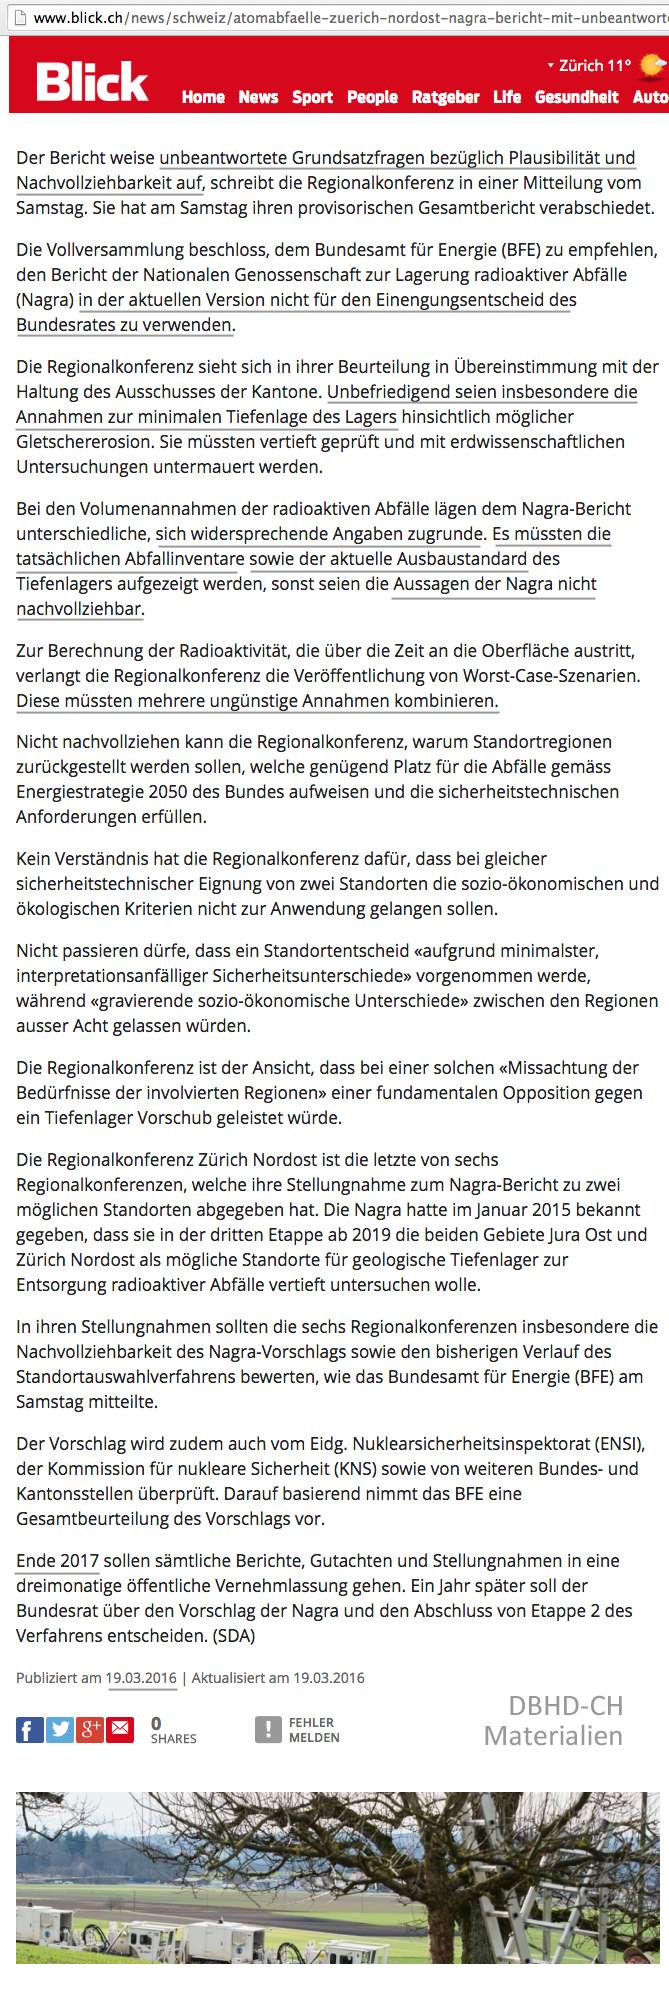 Blick Artikel nagra scheitert mit Zürich NordOst Endlager Vorschlag an der vernichtenden Kritik der Regional Konferenz